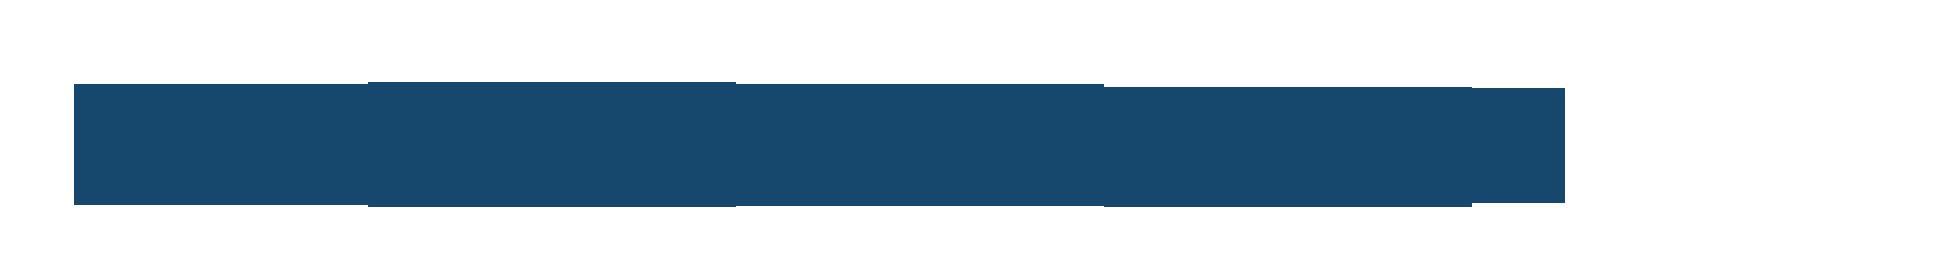 山东昊宝三滤商贸有限公司